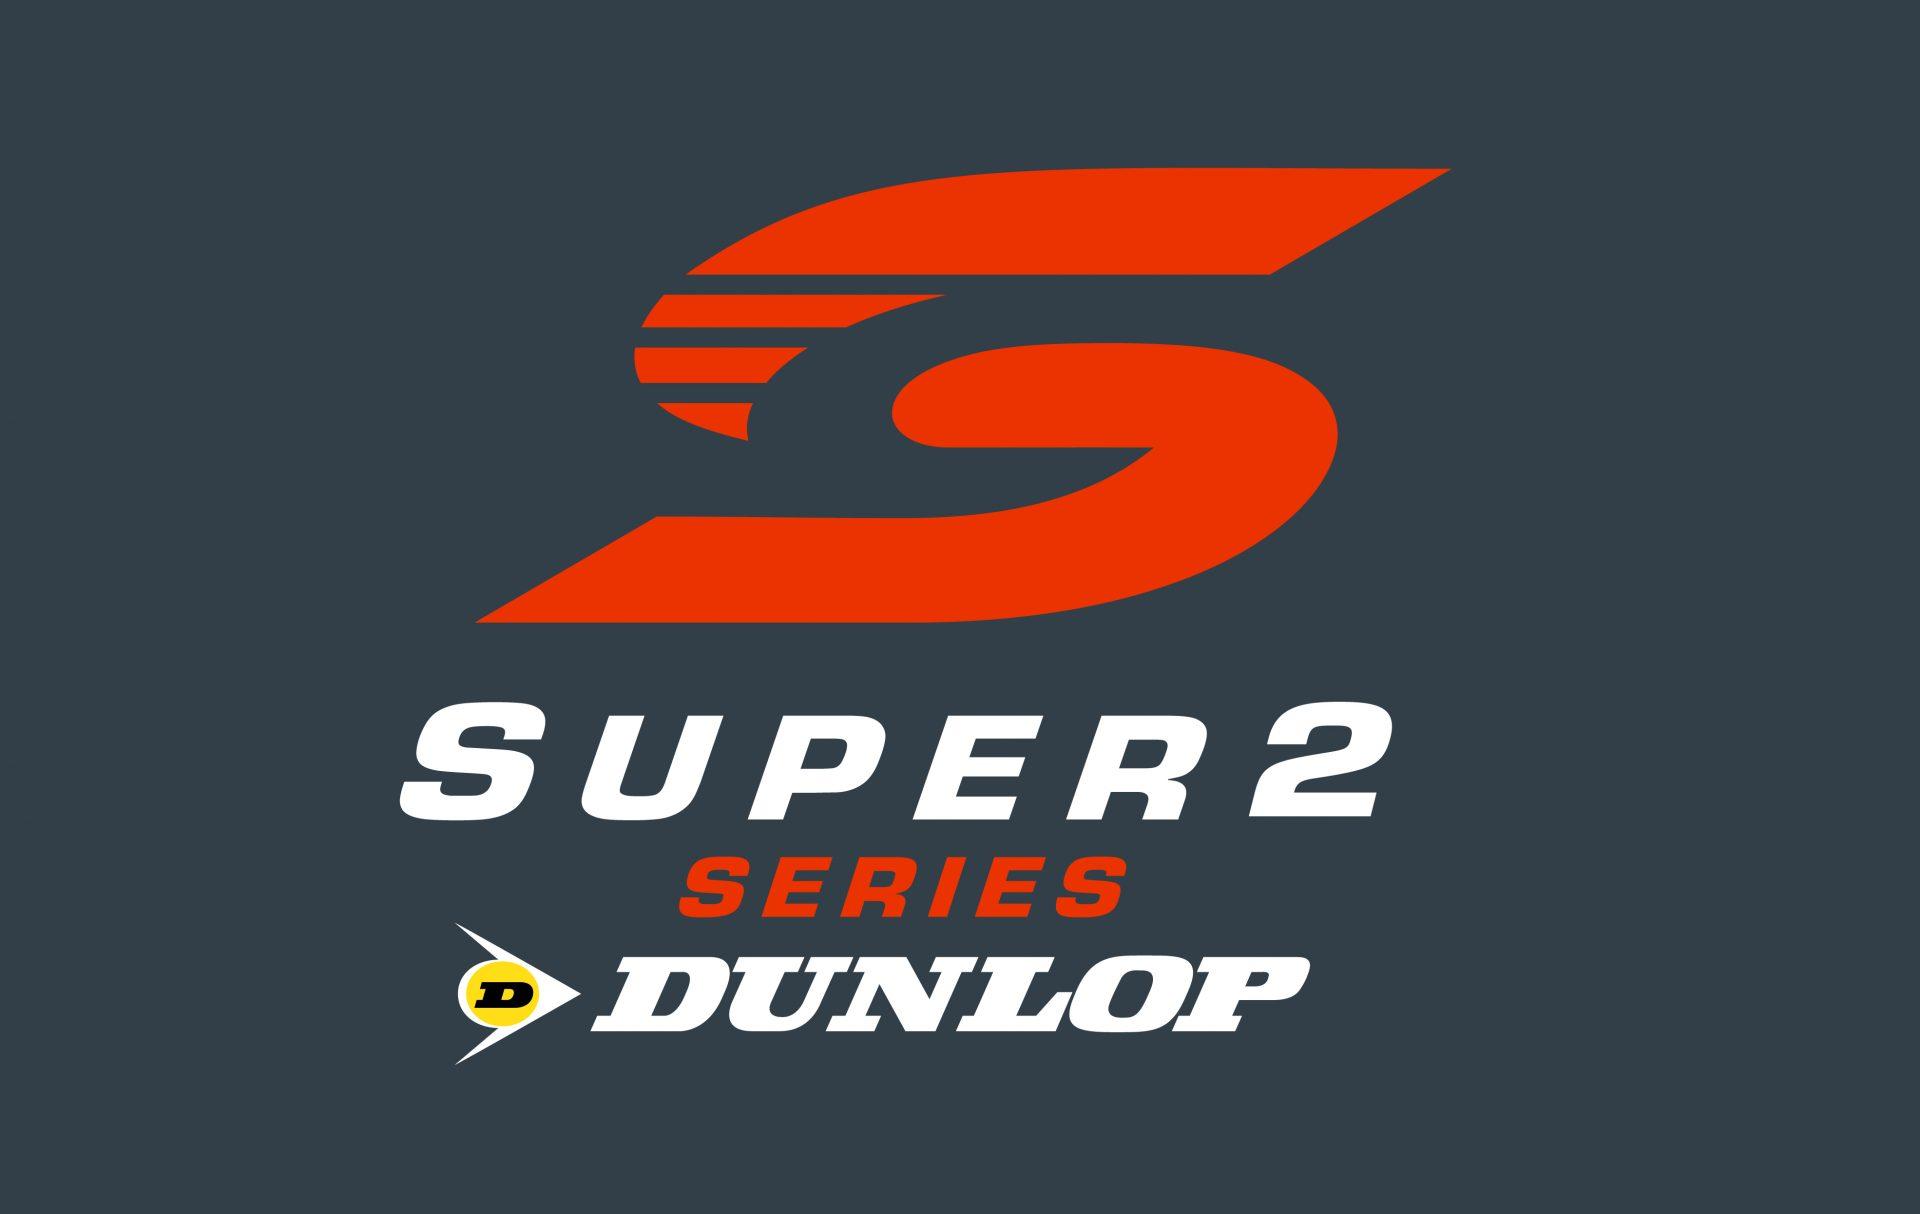 Dunlop Super 2 Series